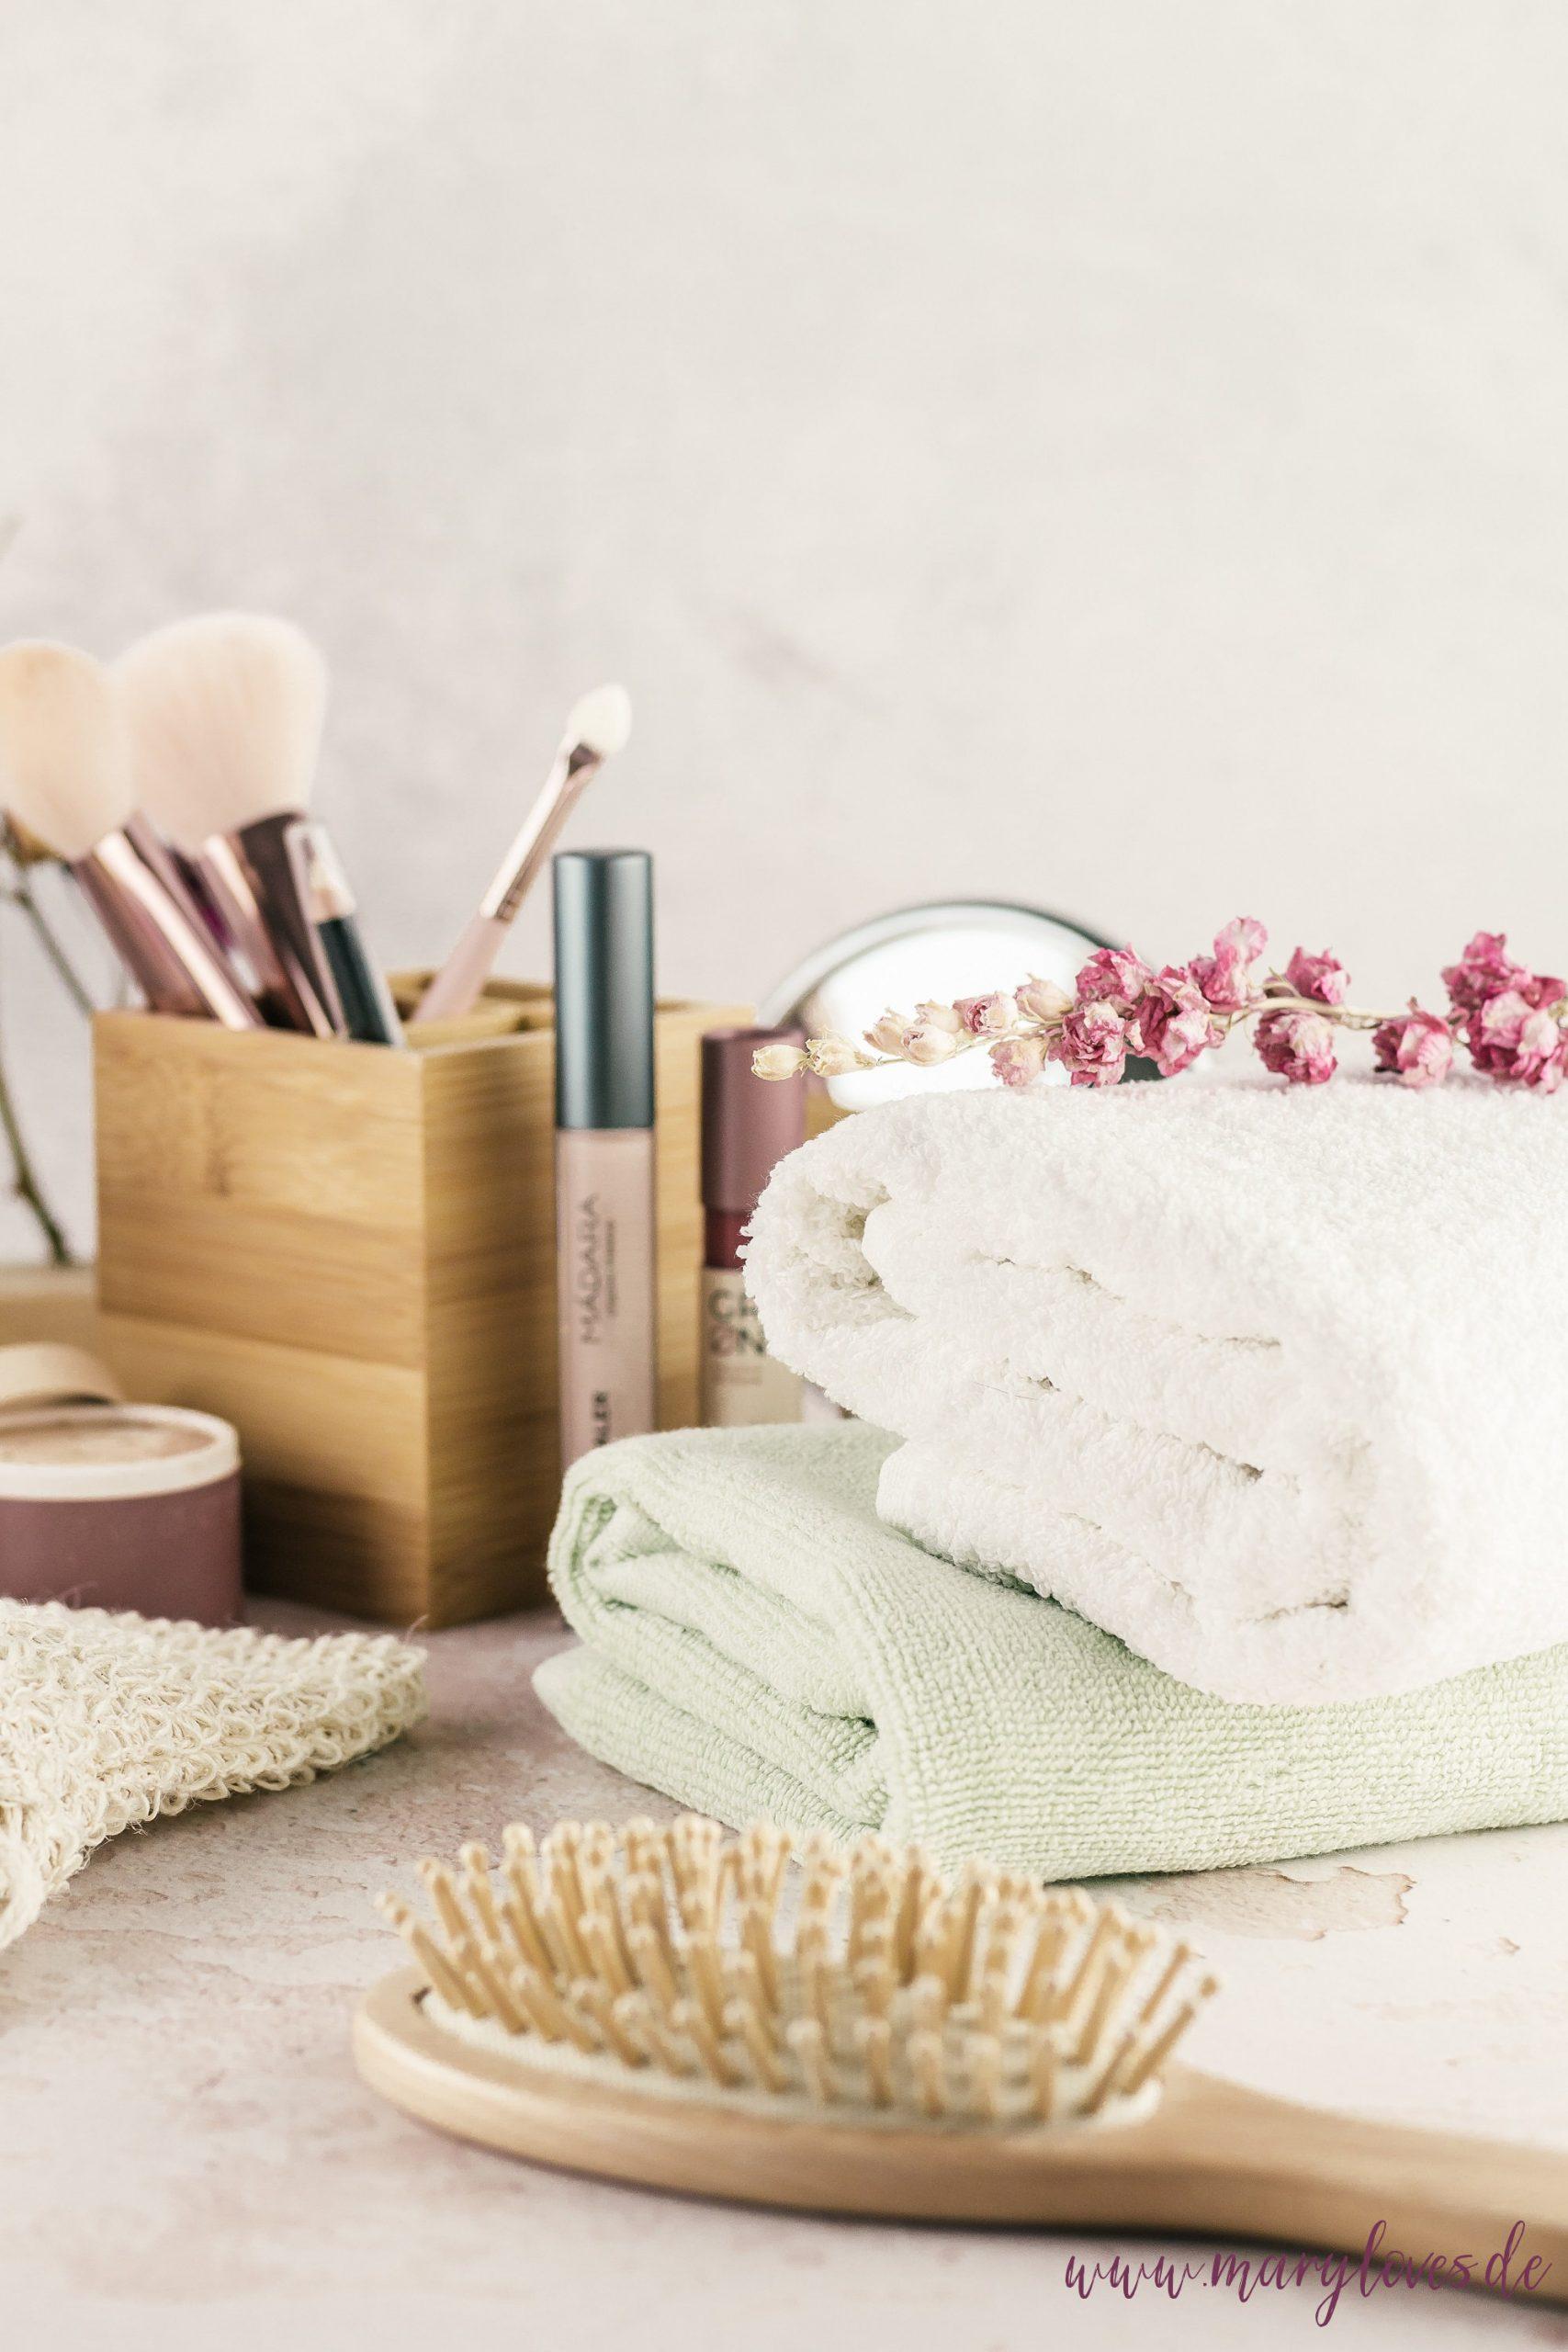 Natürliche Schönheit: 8 Tipps für den Umstieg auf Naturkosmetik